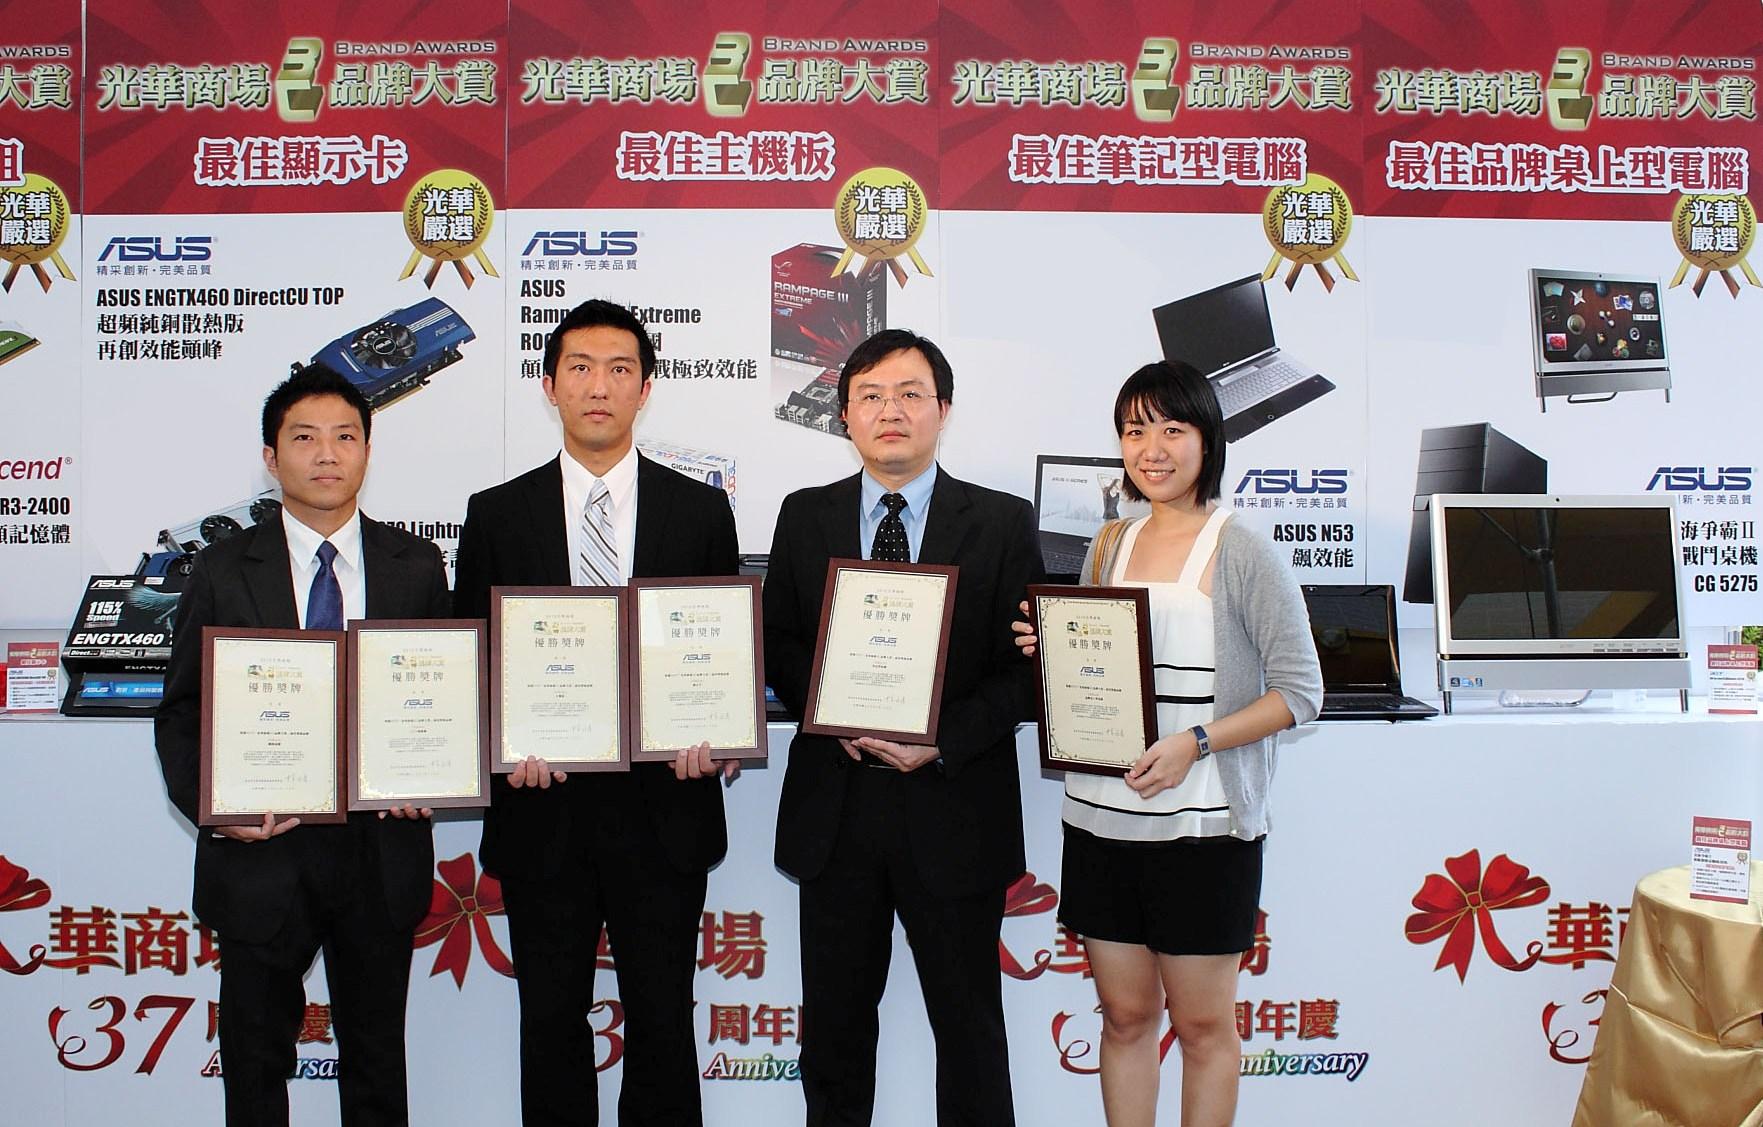 華碩電腦榮登「光華商場3C品牌大賞」